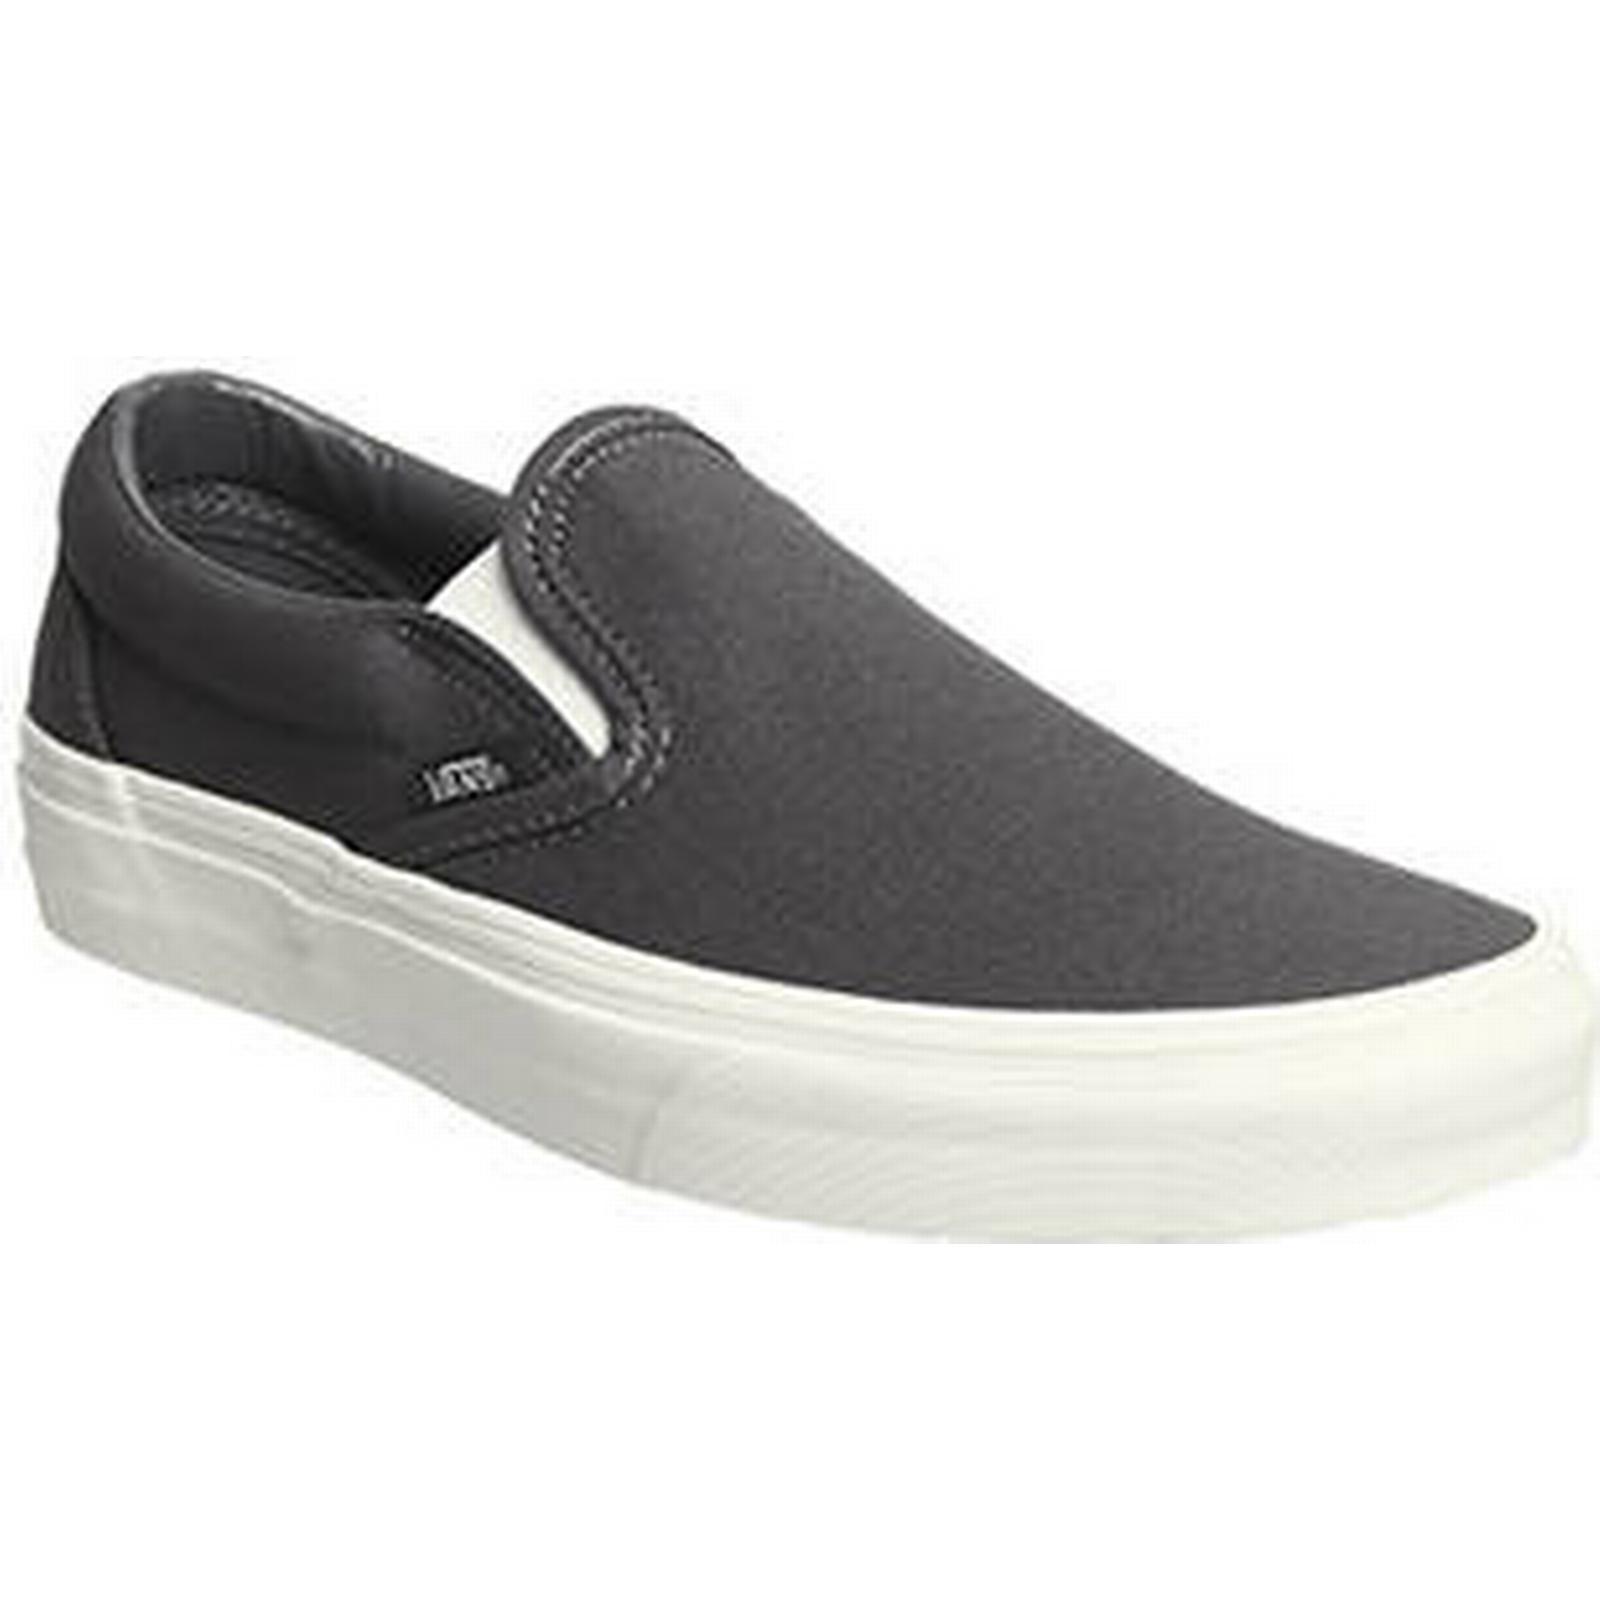 5c337375d2 Vans Classic Slip On ASPHALT ASPHALT ASPHALT 097c6d - shoes ...